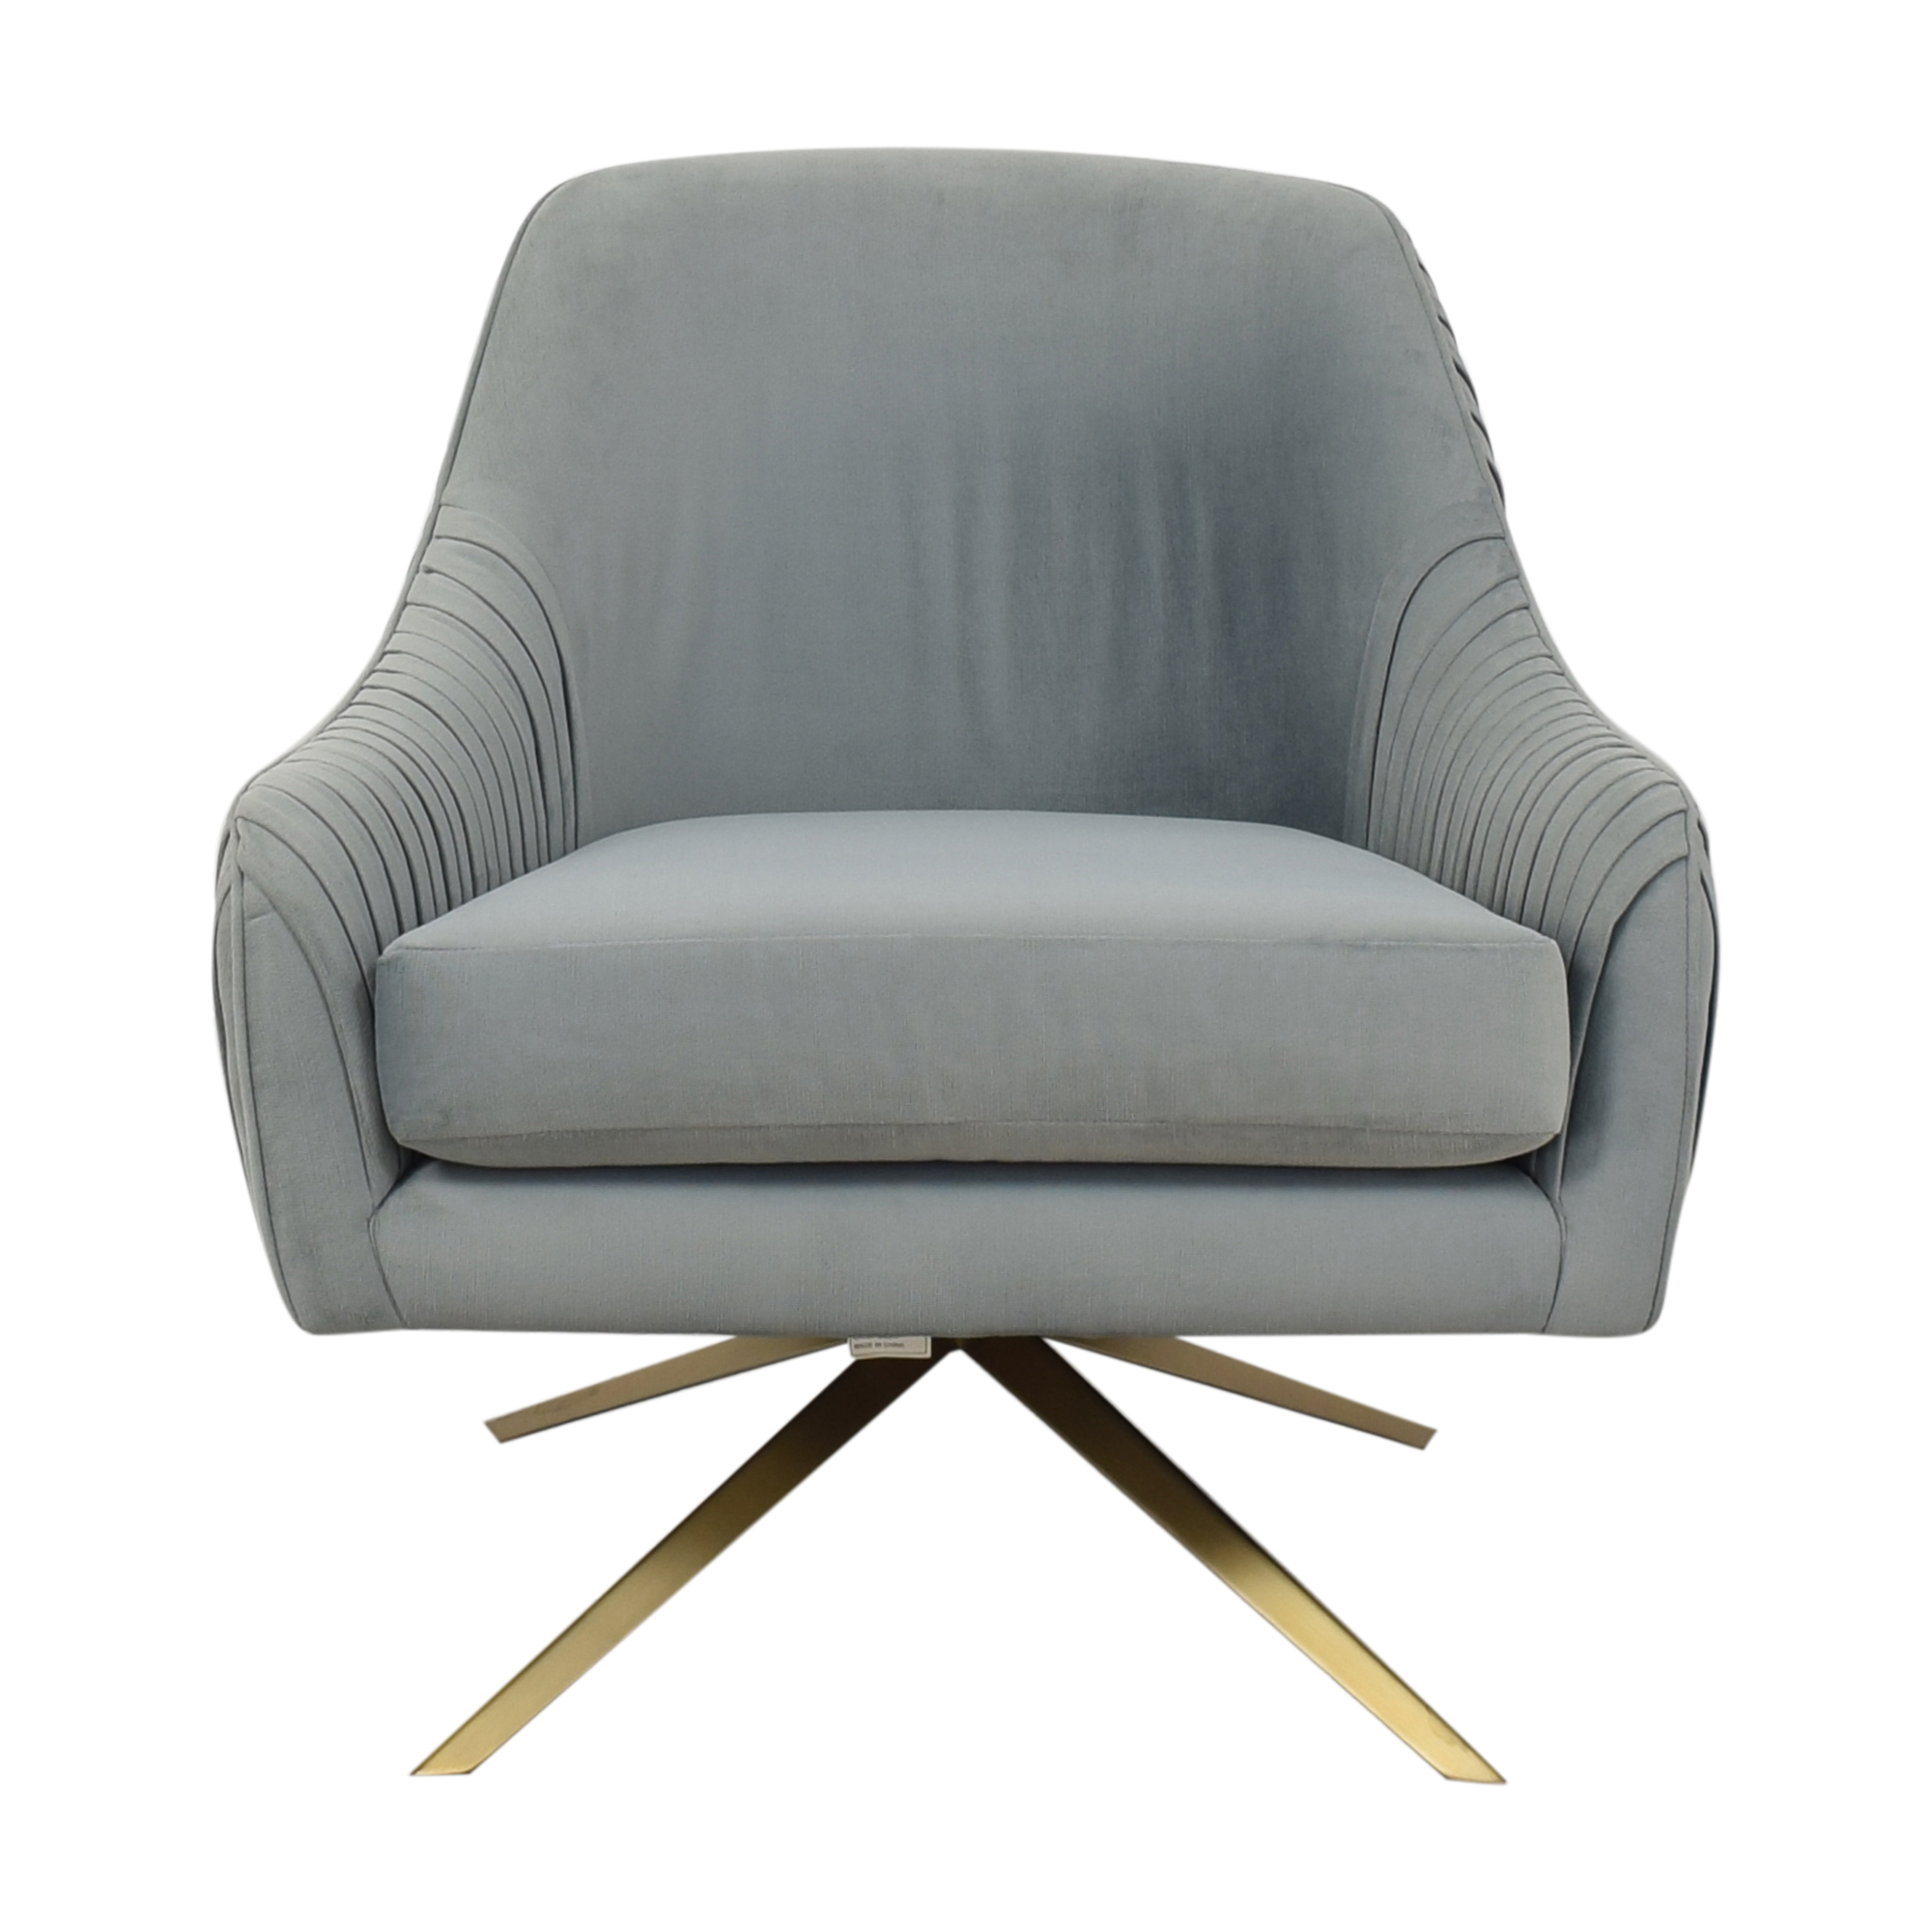 West Elm Roar & Rabbit Pleated Swivel Chair West Elm